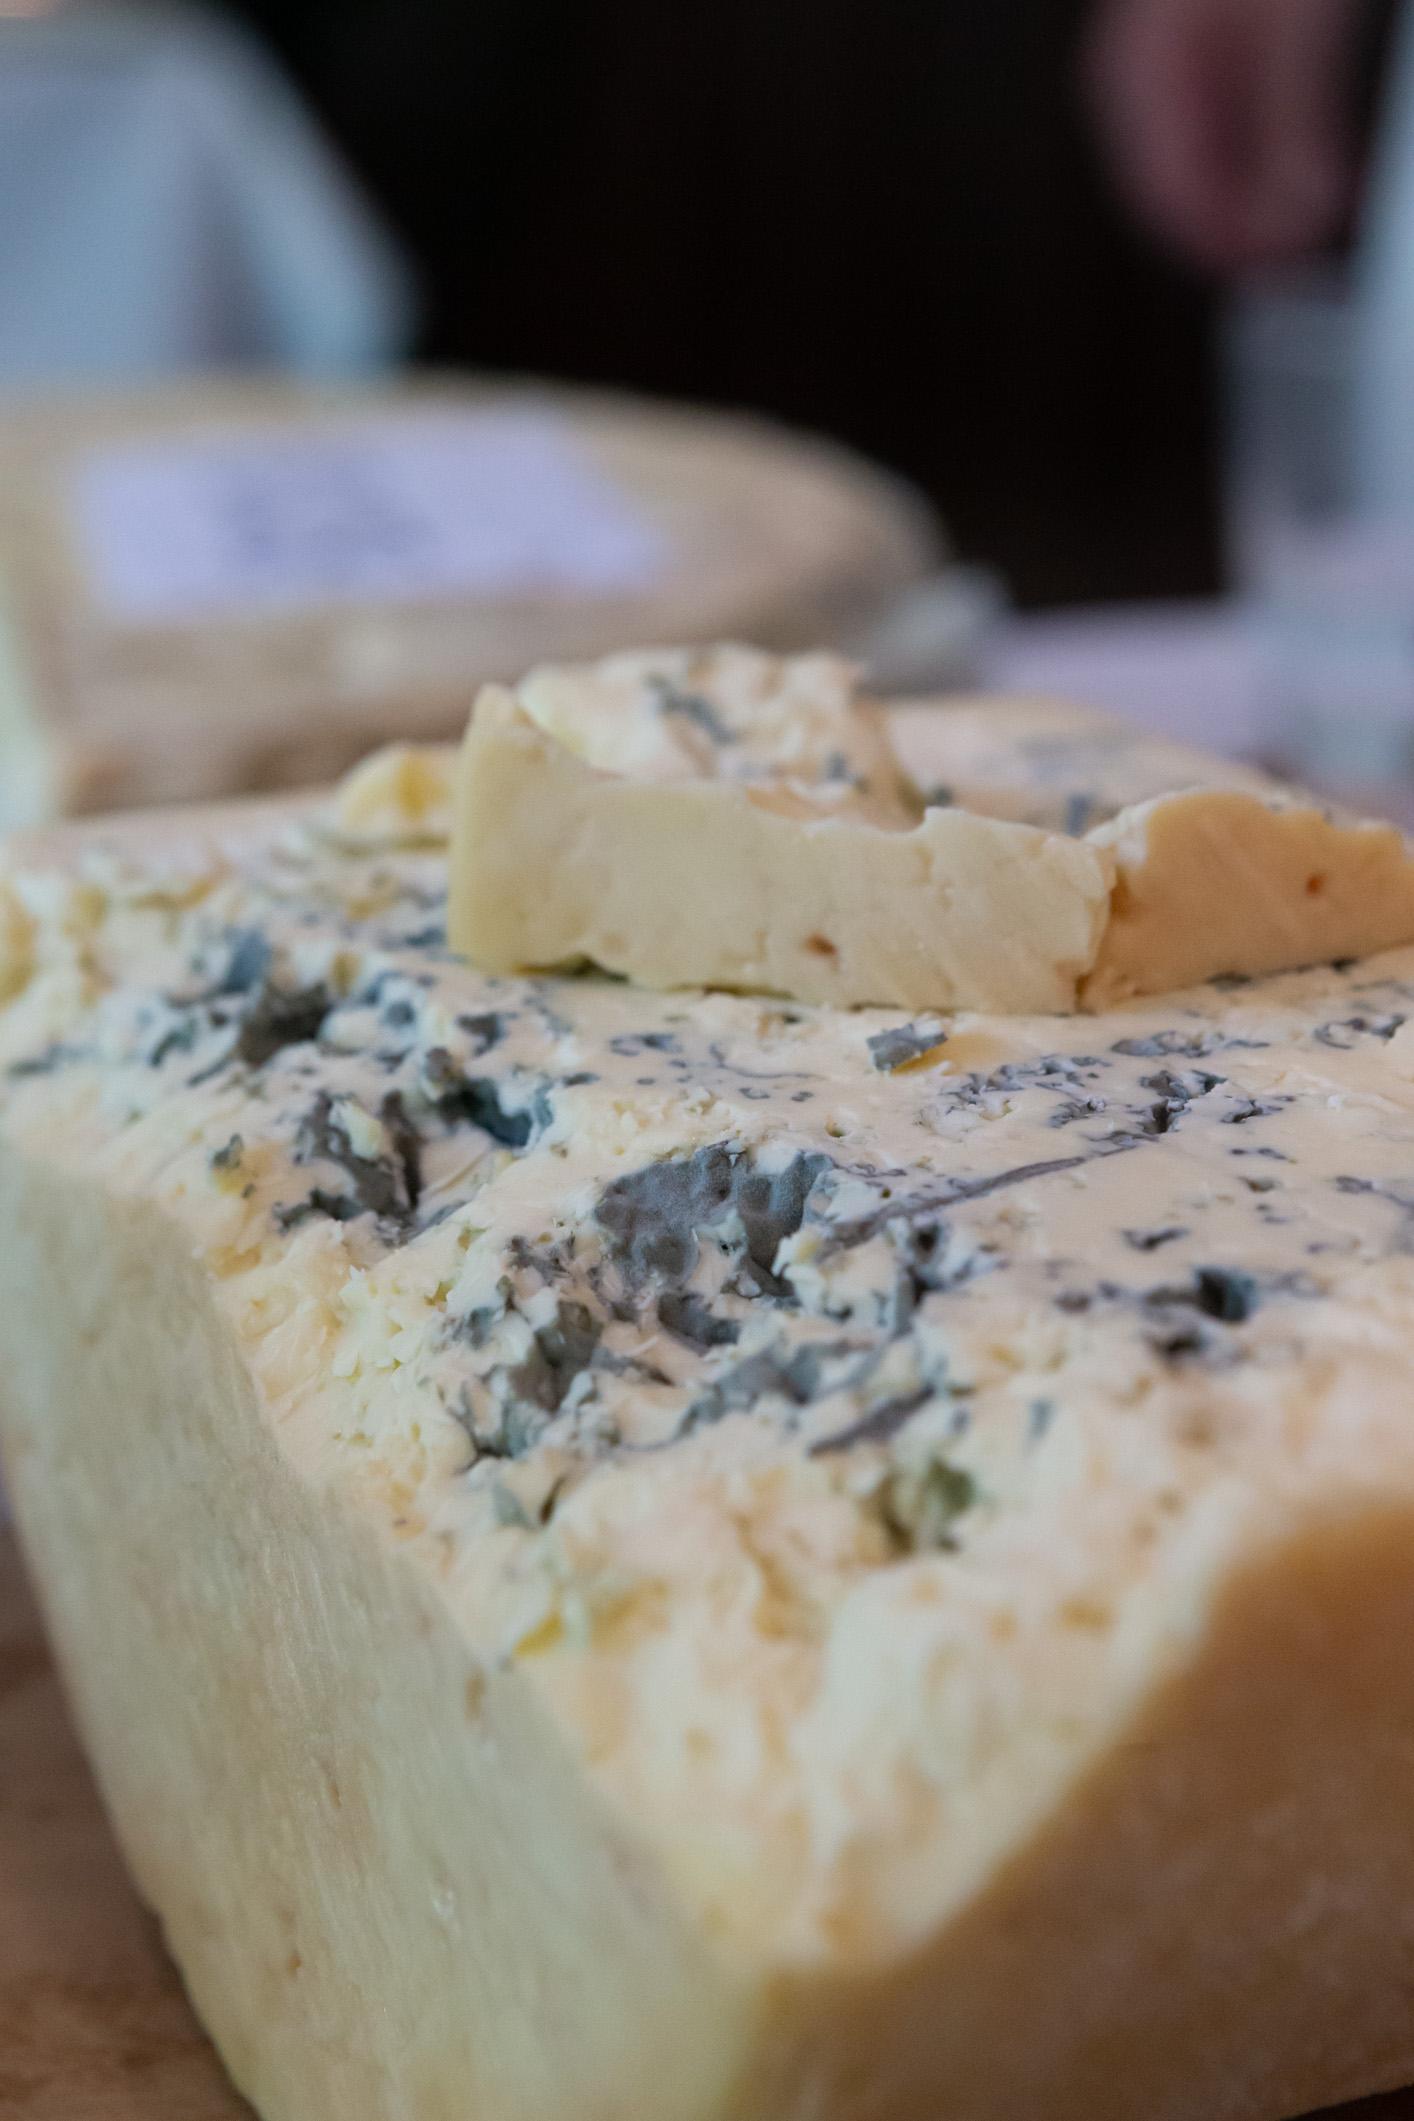 2019 Blue Cheese.jpg